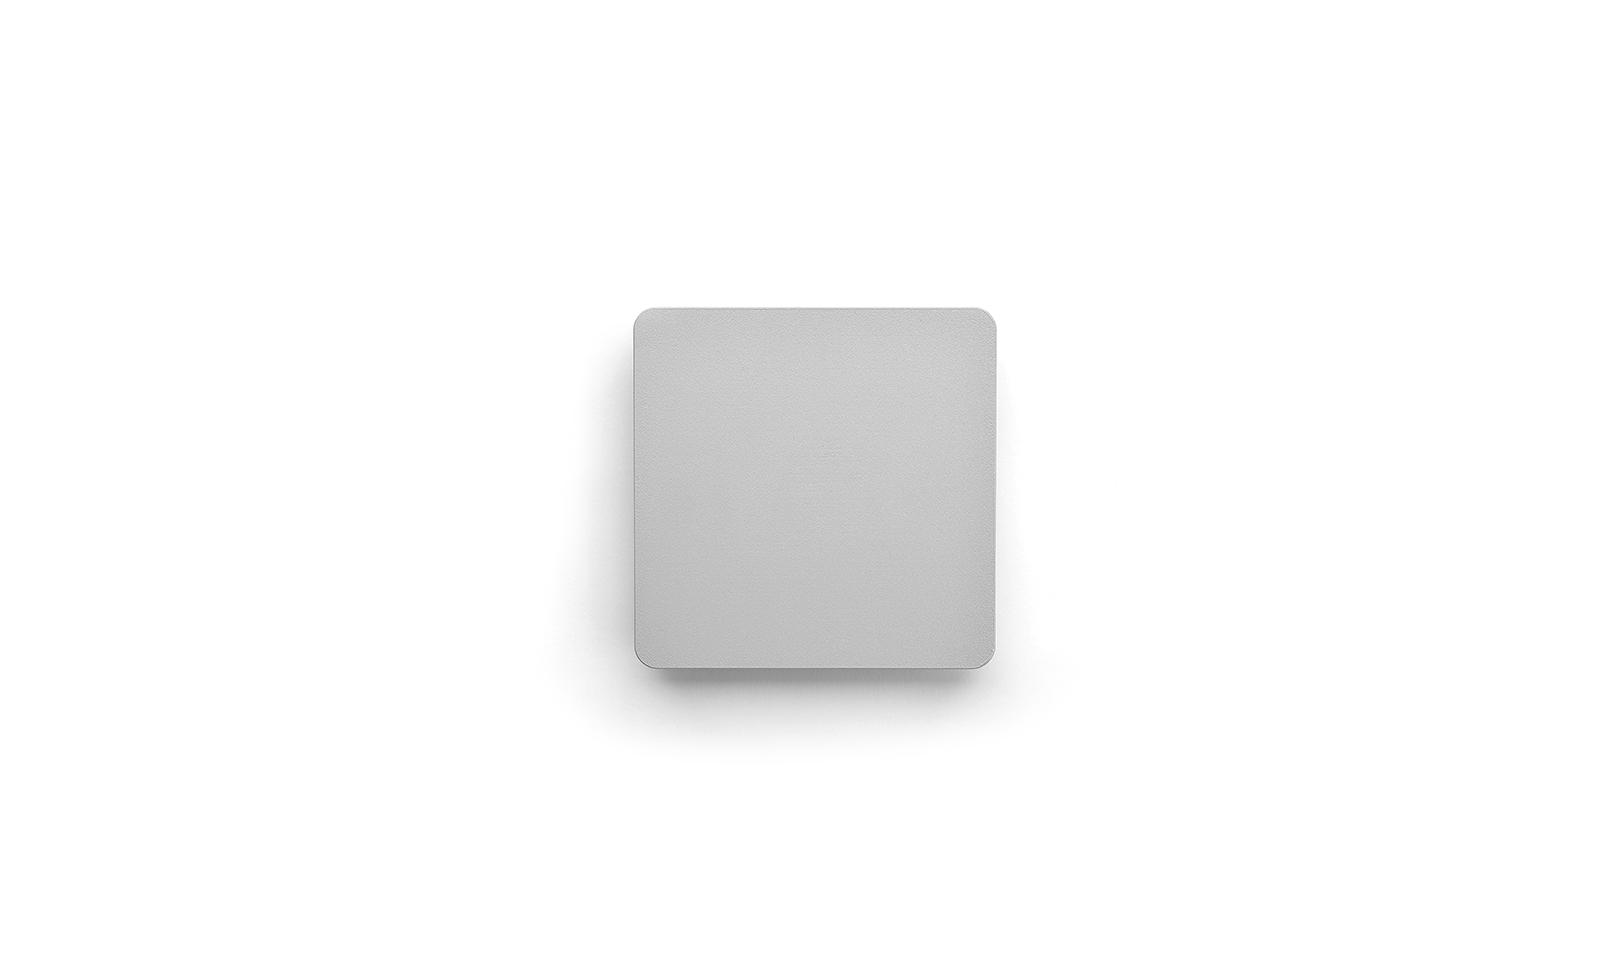 401708 ECLIPSE MEDIUM SQUARE 02 LED 19W 3